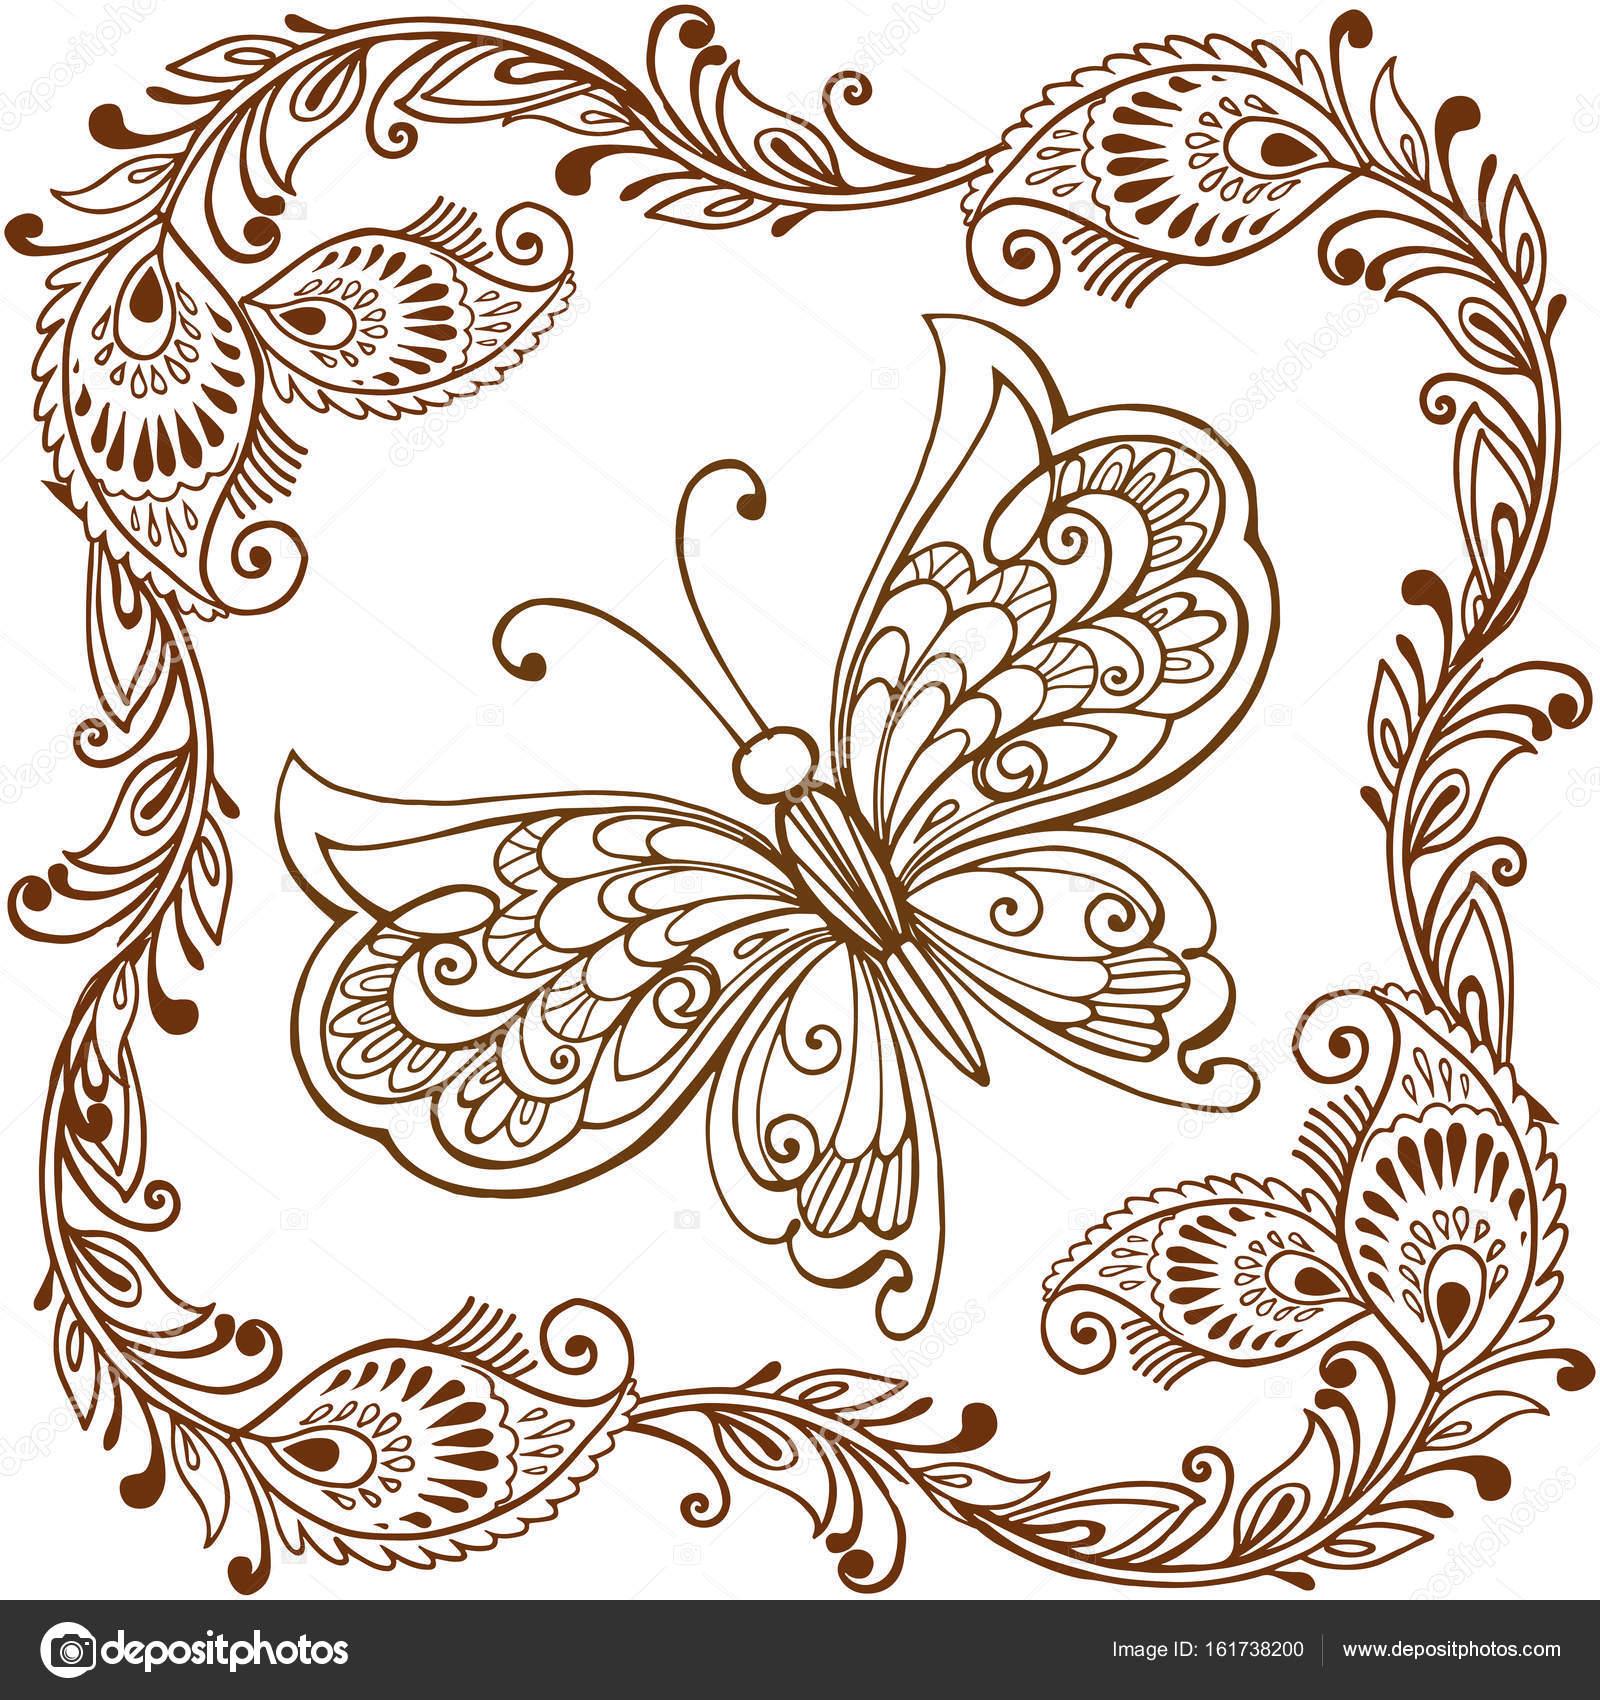 Mariposa decorativa con adorno paisley indio. Mariposa decorativa ...